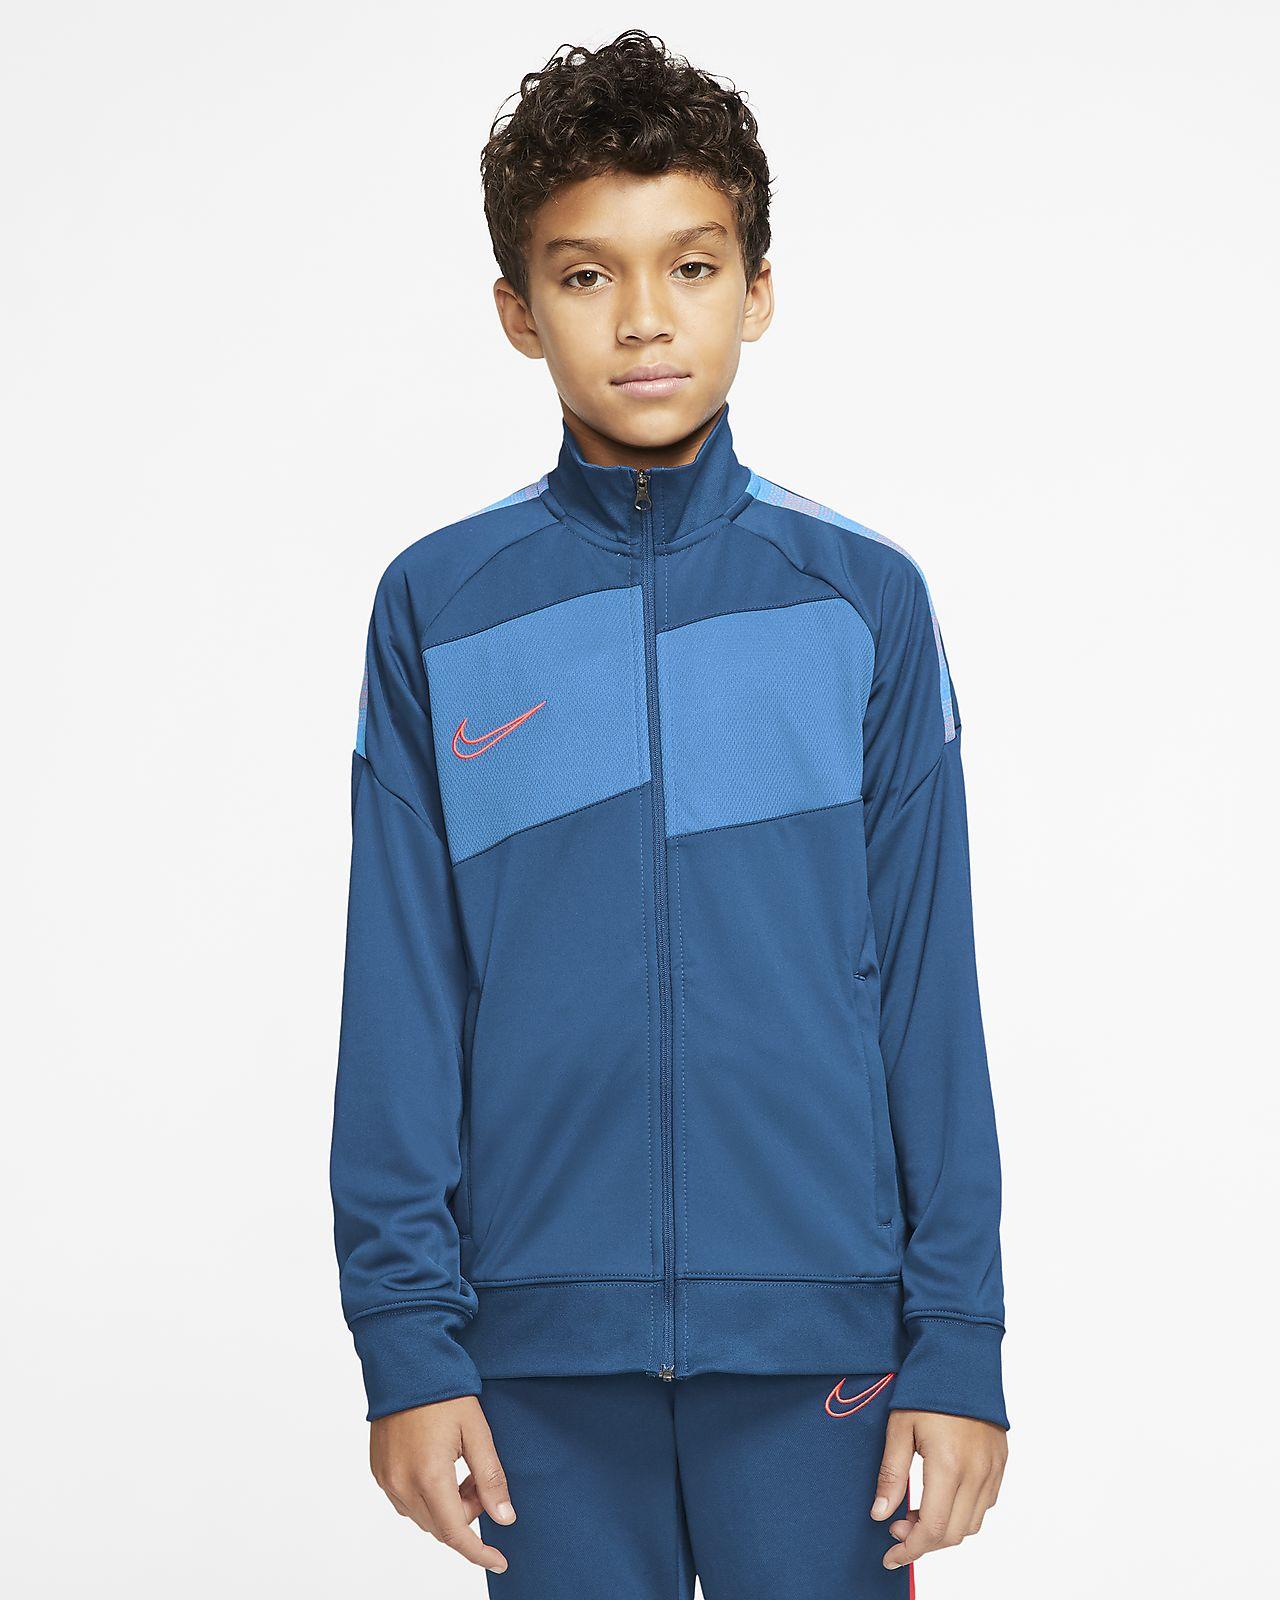 Fotbollsjacka Nike Dri-FIT Academy Pro för ungdom